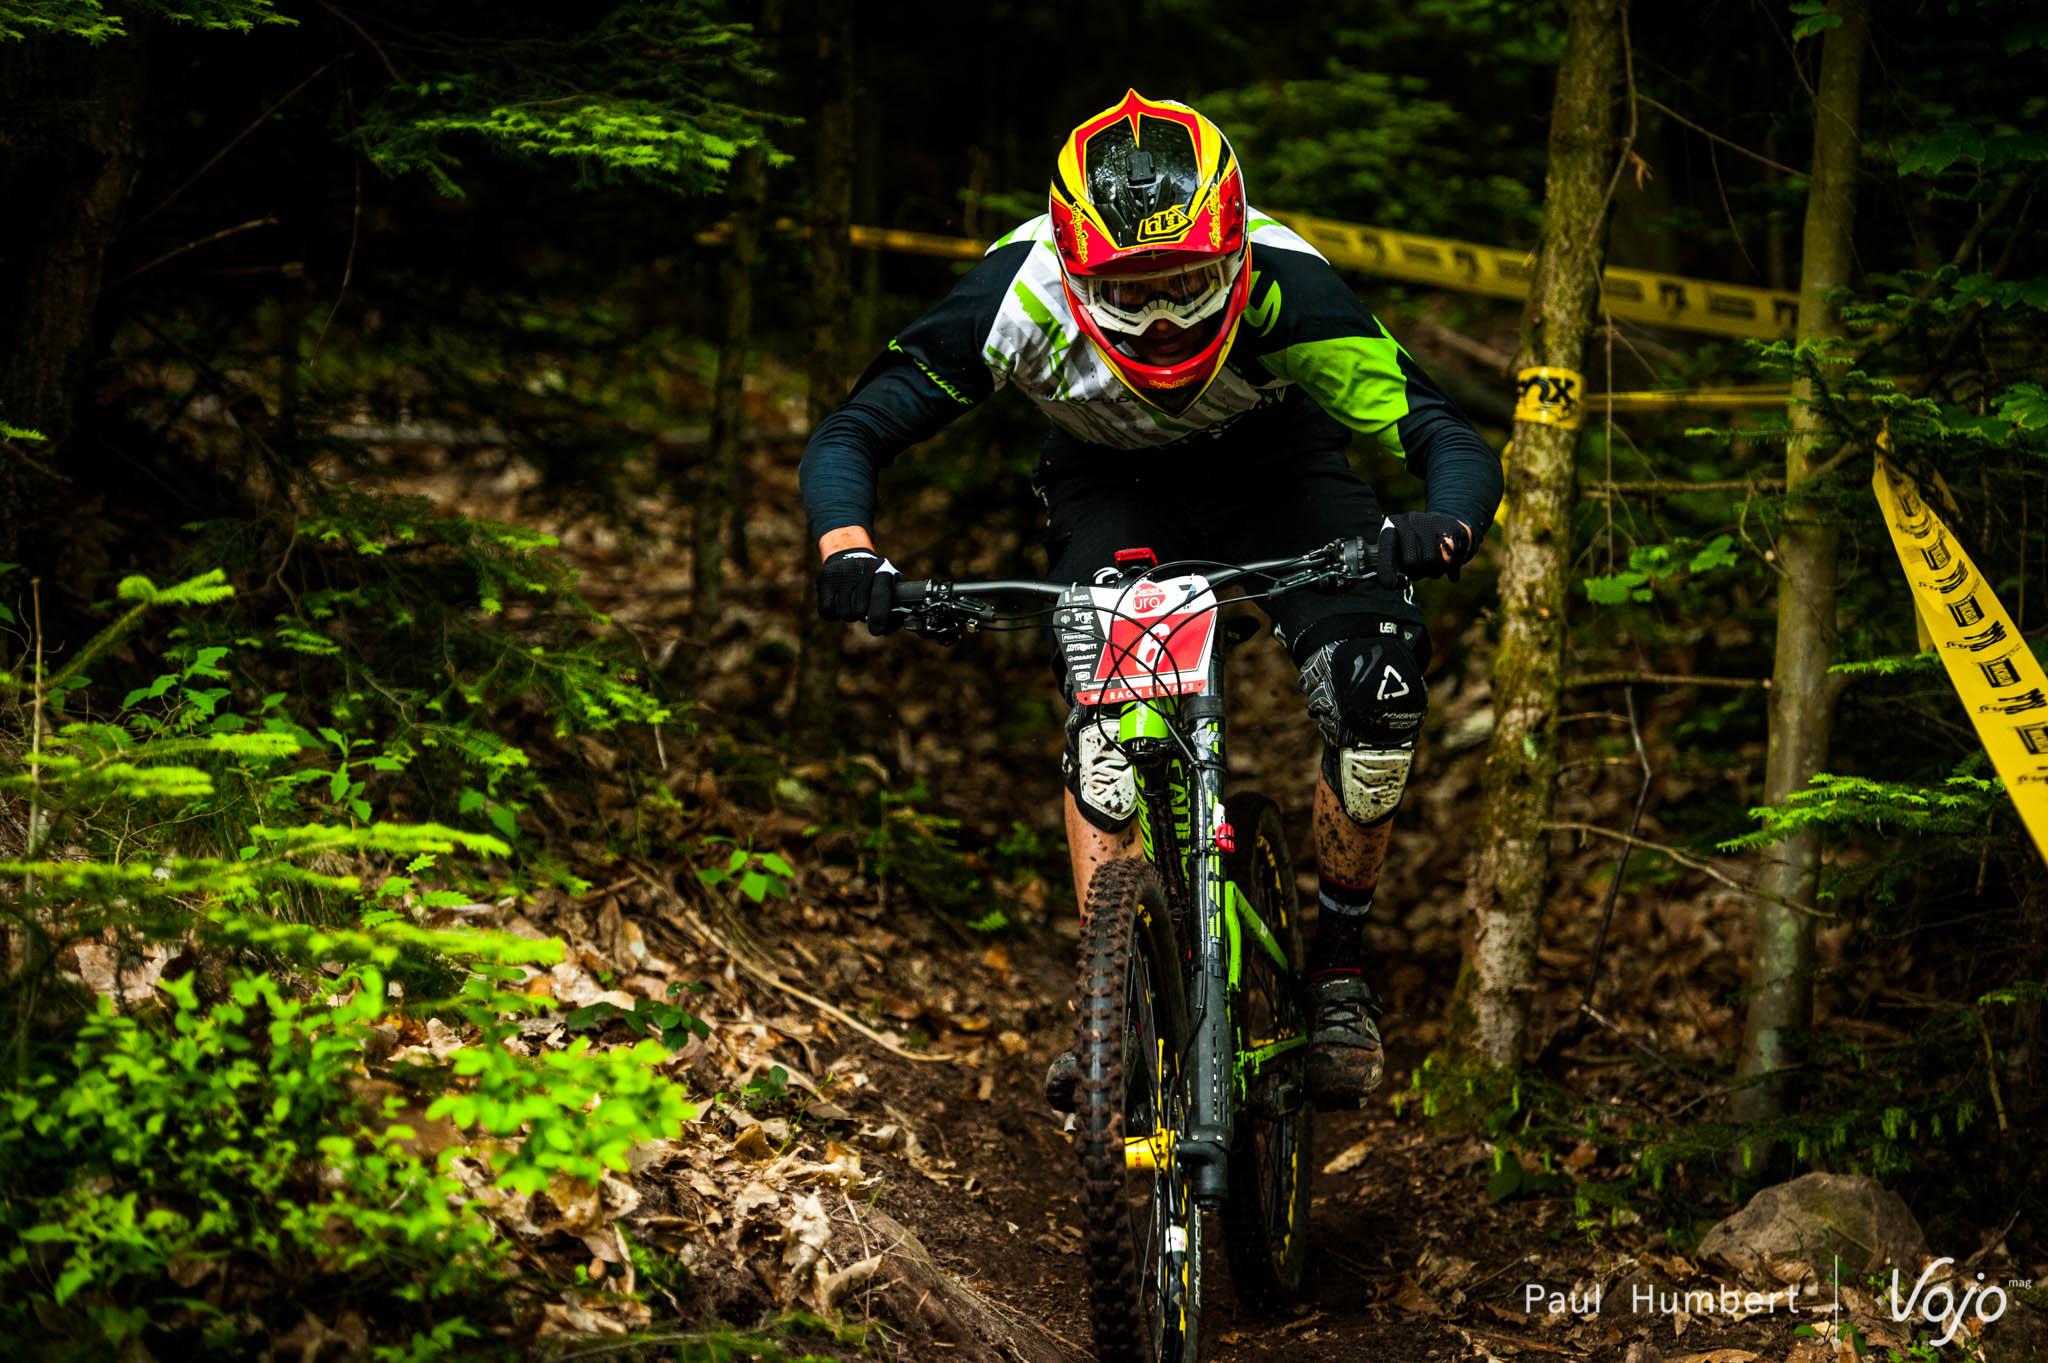 Raon-l-etape-vojo-2016-paul-humbert-19